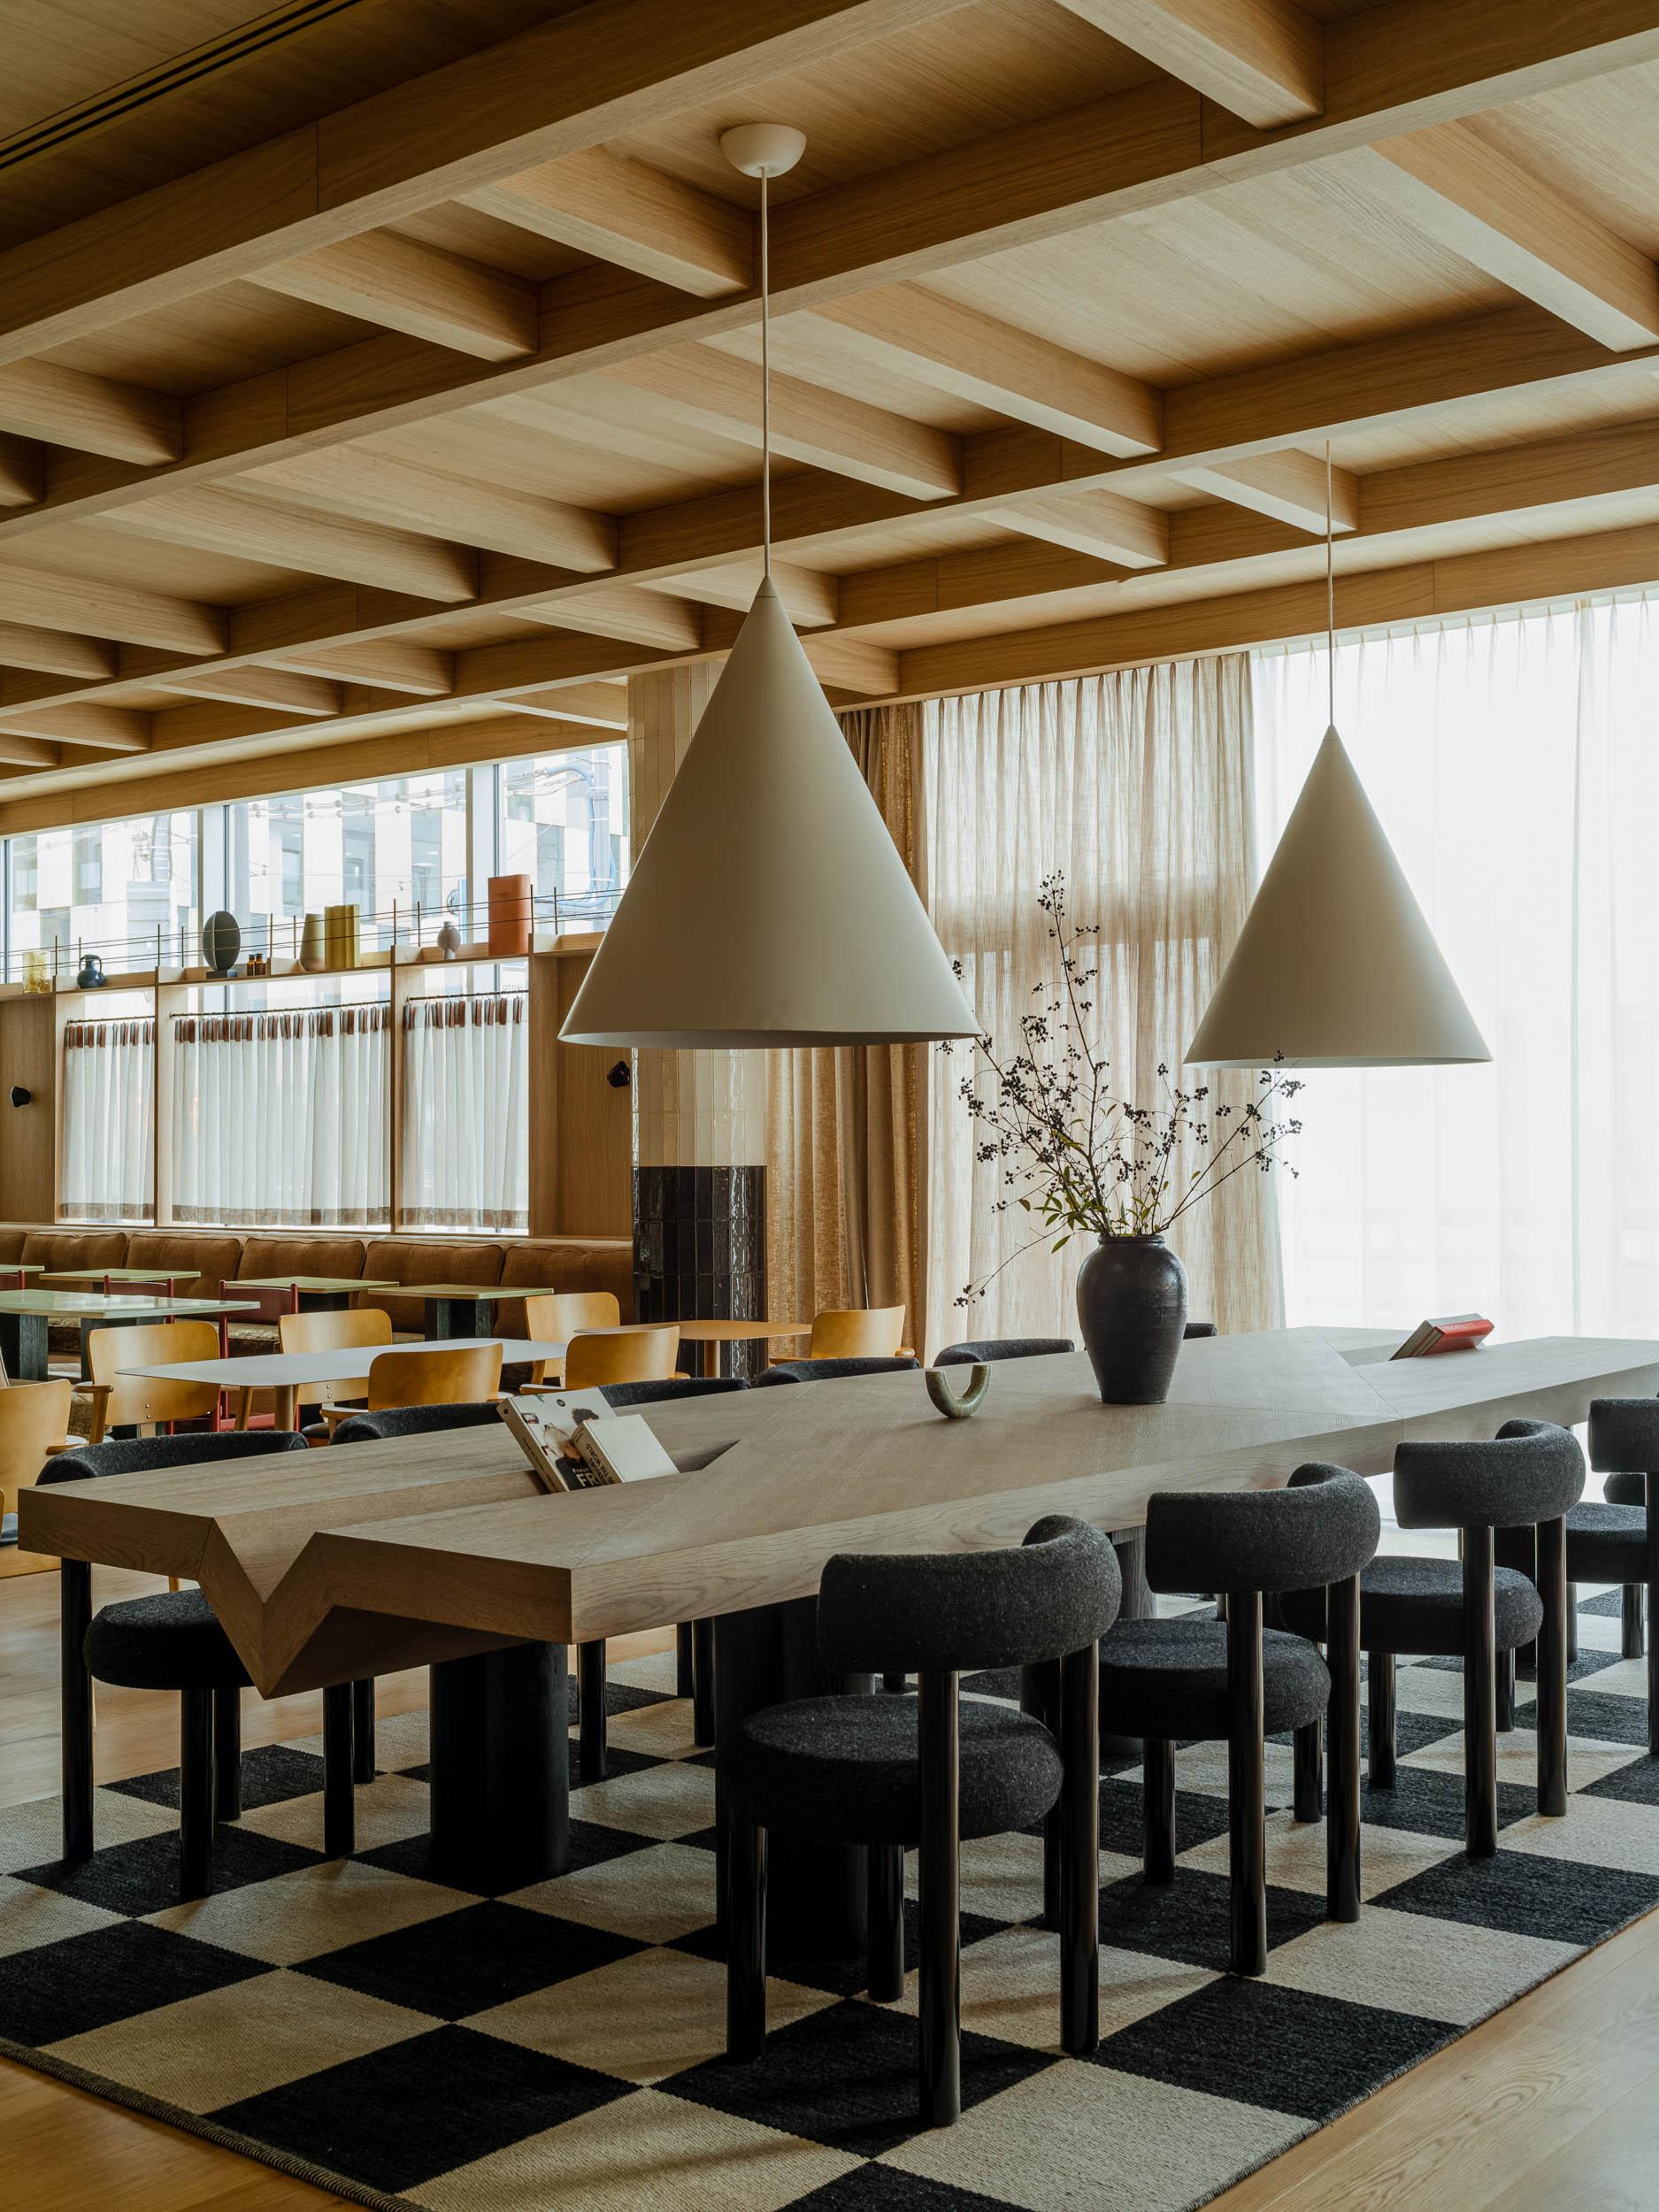 nowy_puro_hotel_krakow_old_town_paradowski_foto_pion_designalive-22